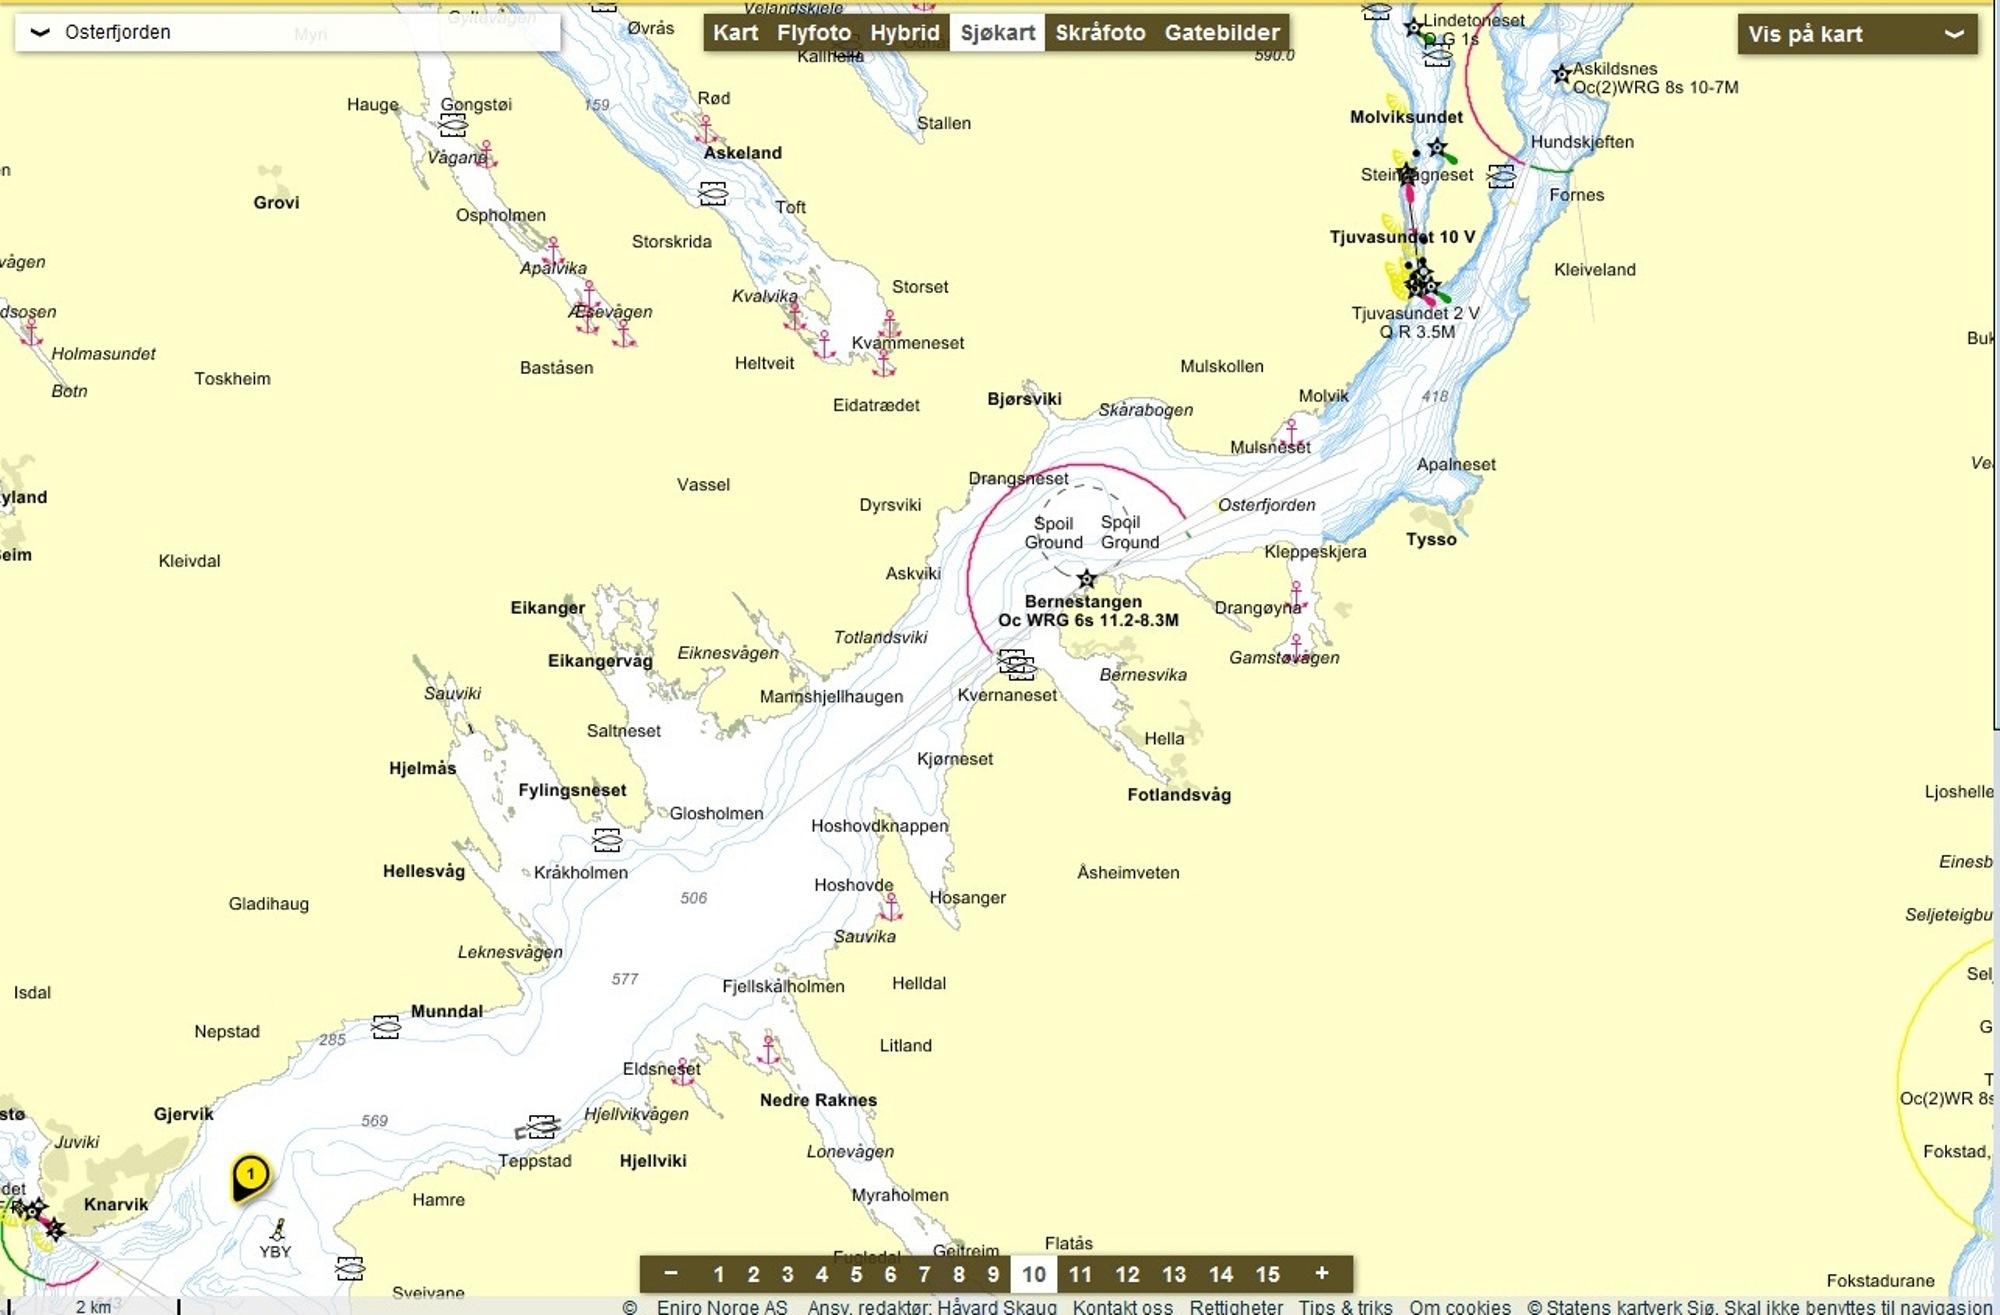 osterfjorden kart Hooked | Norges største nettsted for fiske og jakt | Side 209 osterfjorden kart